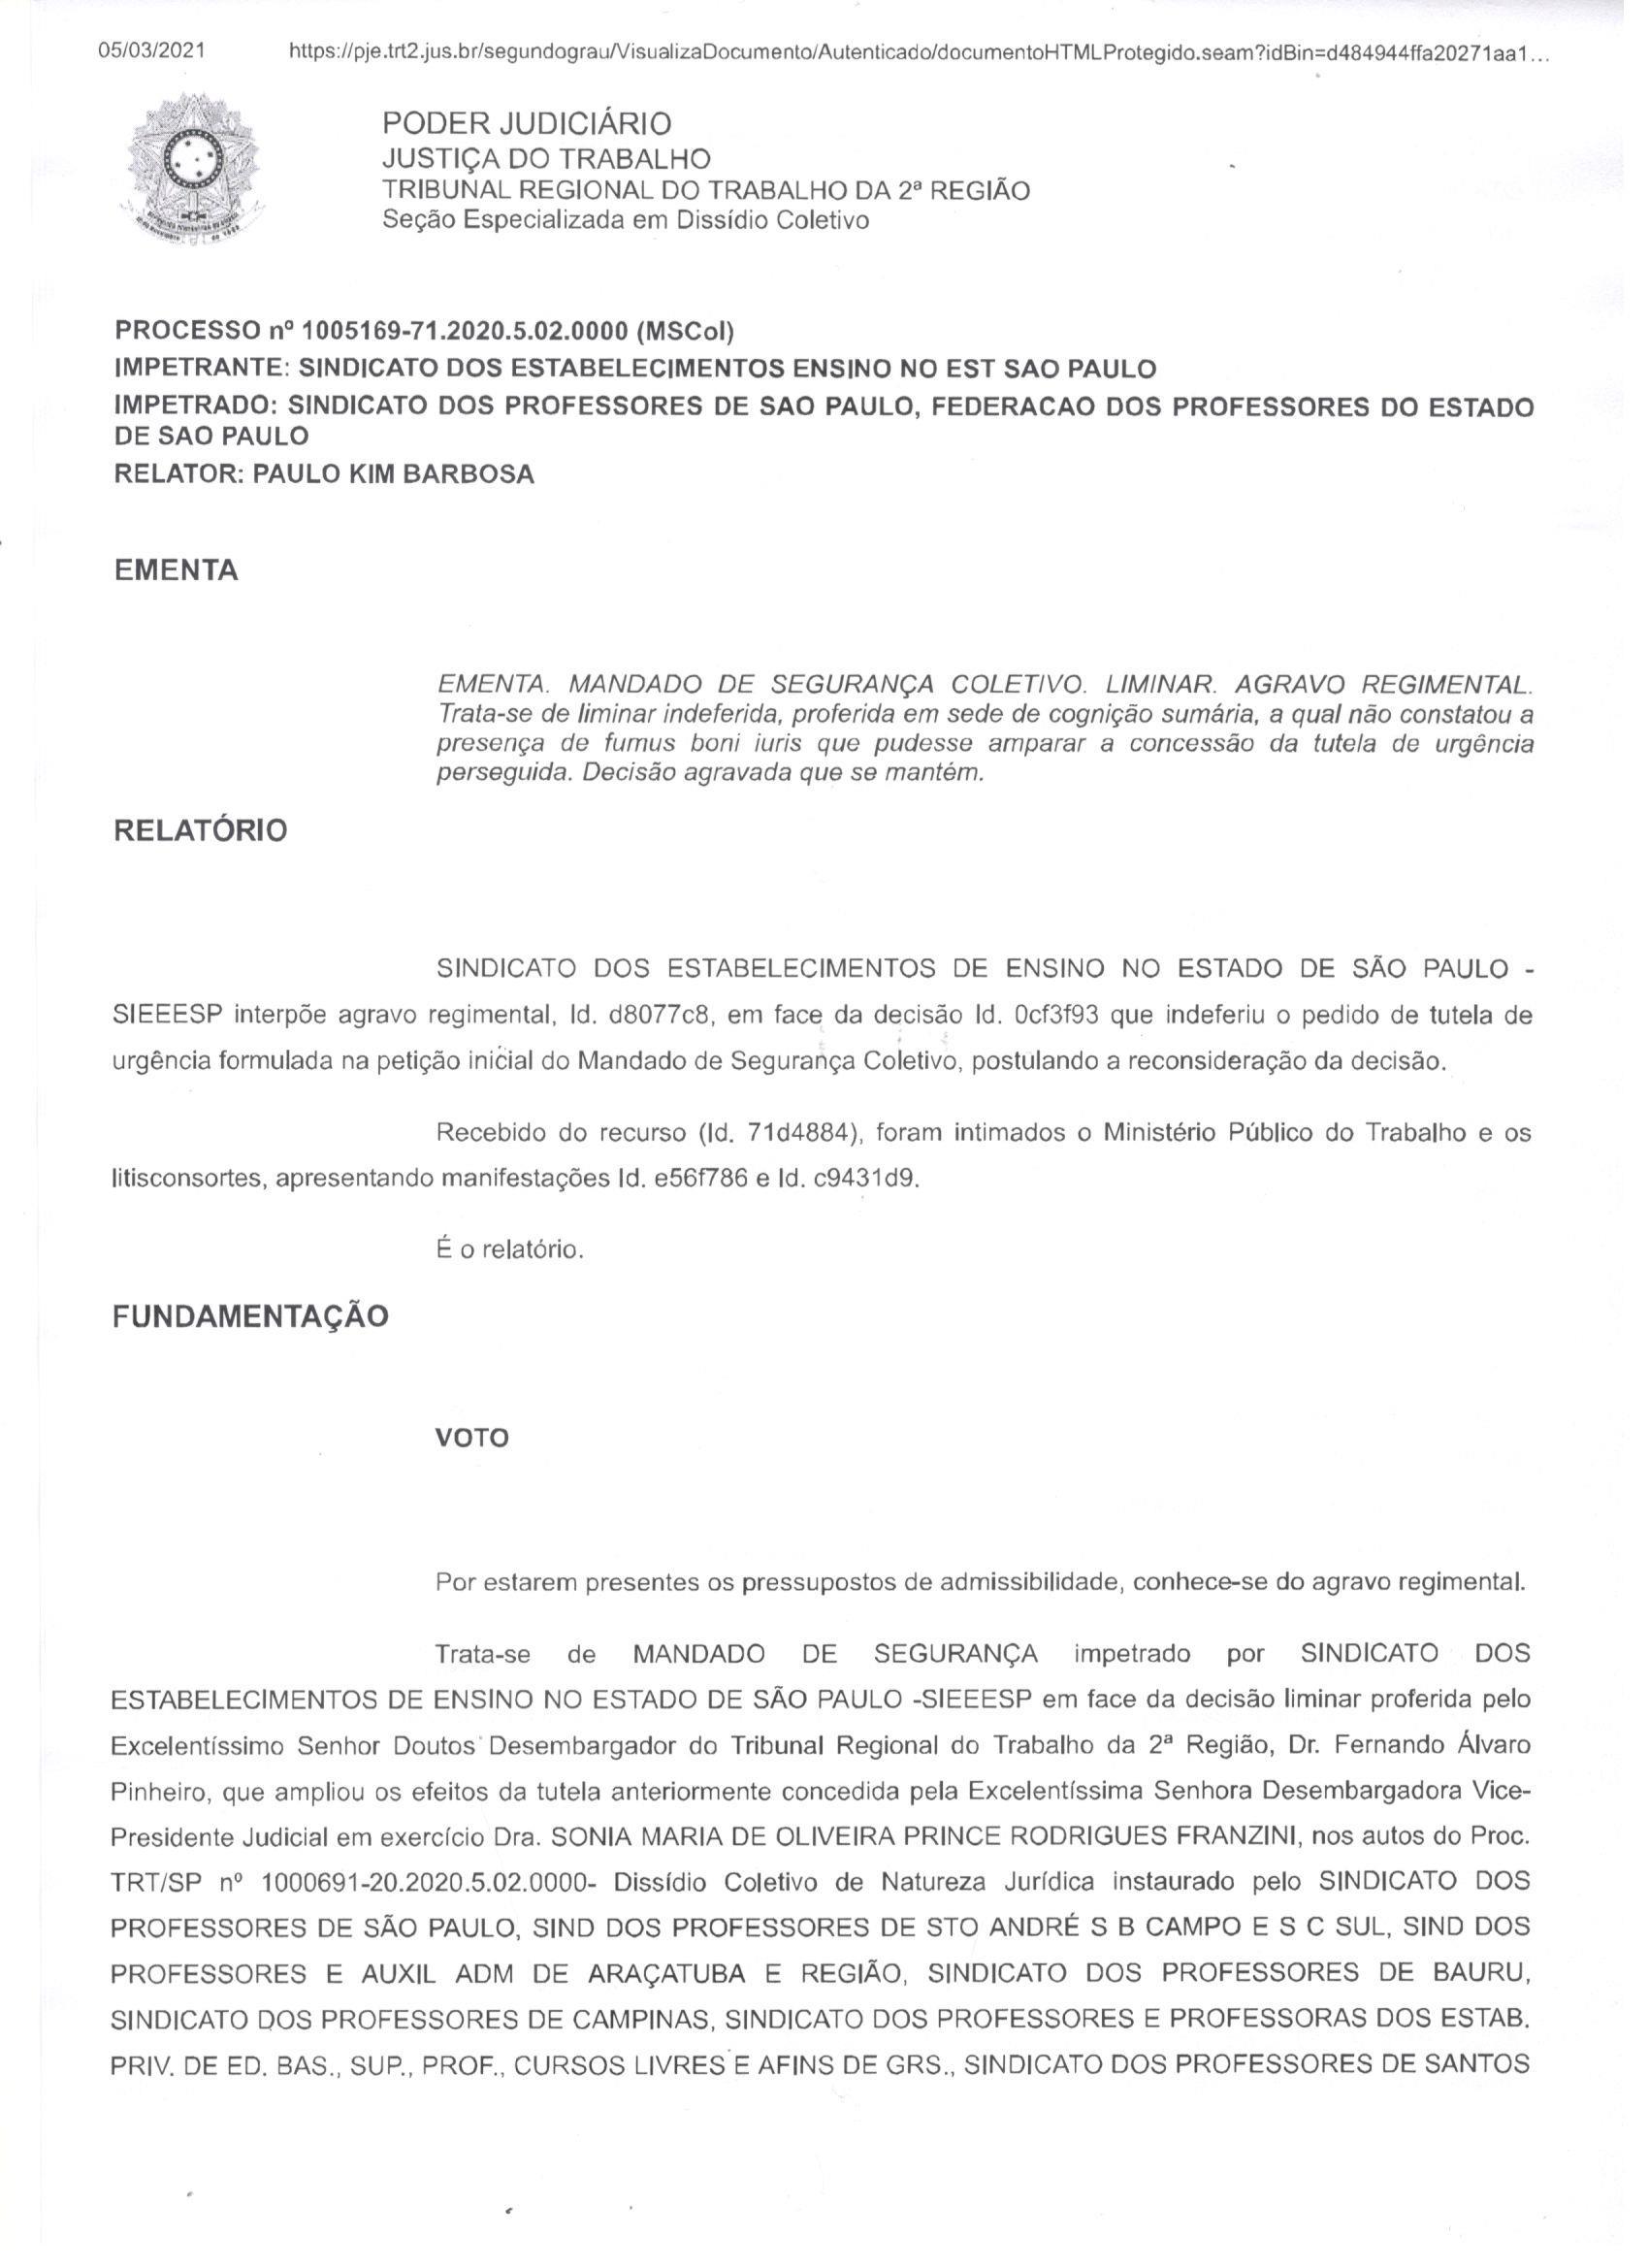 LIMINAR DE AFASTAMENTO DE PROFESSORES